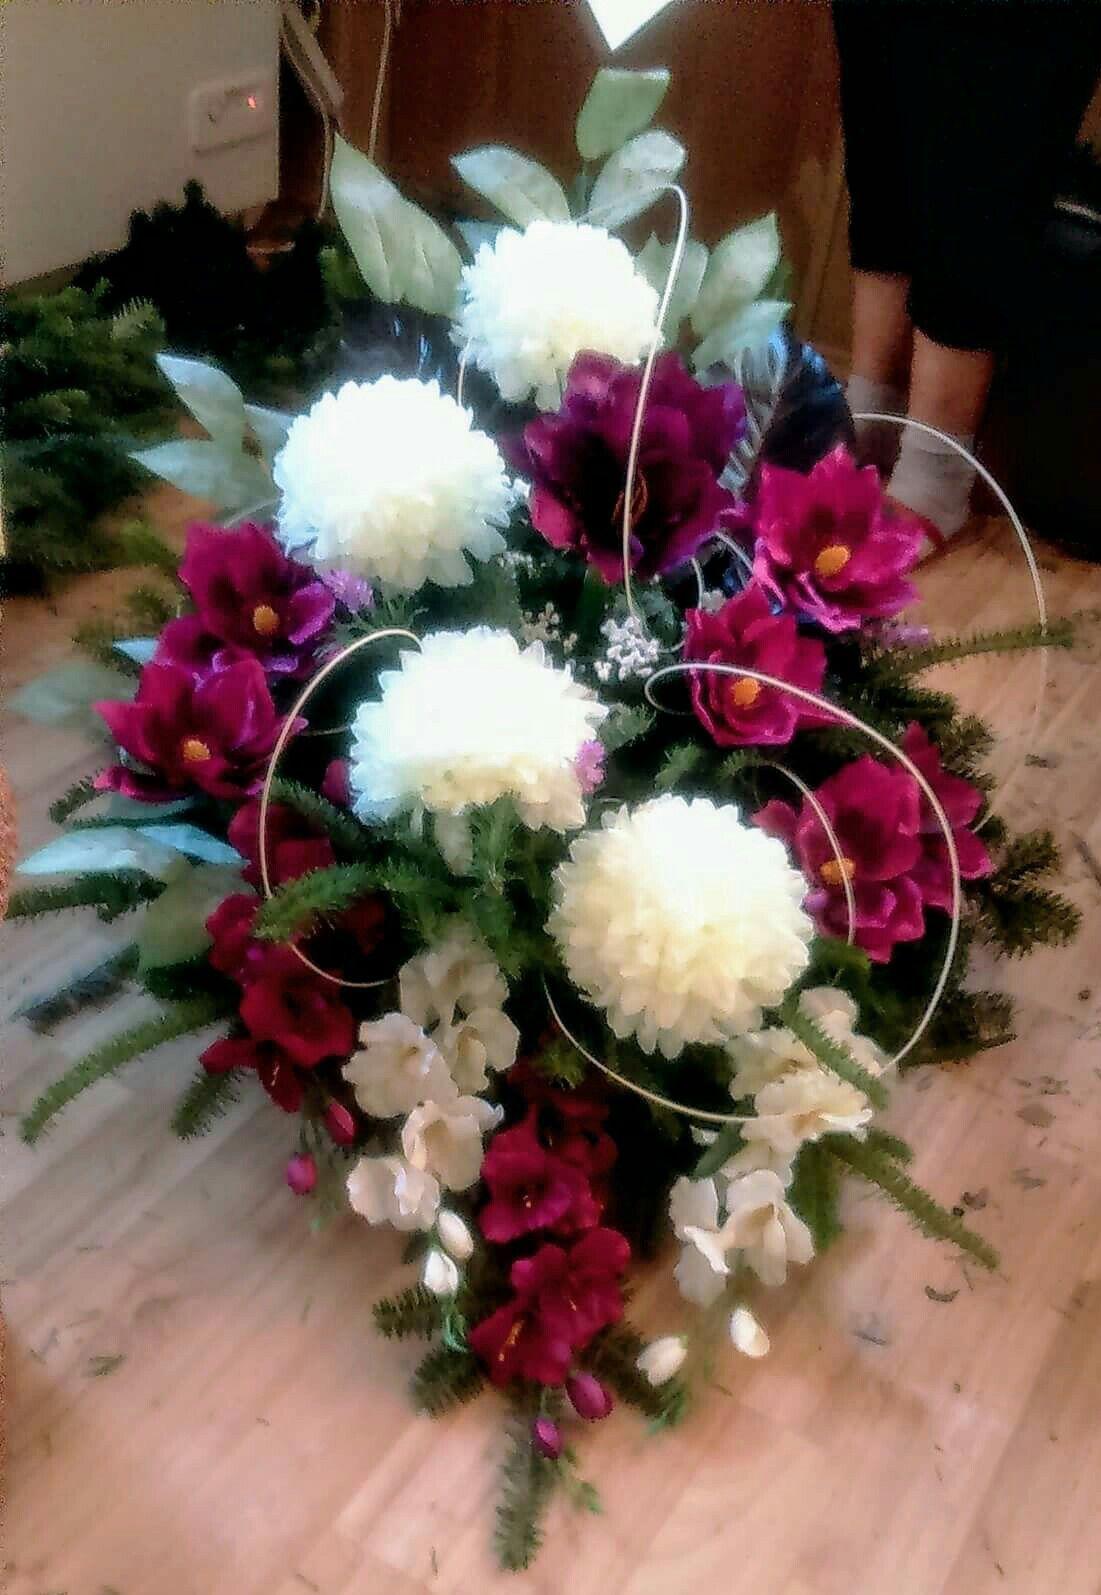 Wiazanka Na Zywym Podkladzie Bordo Wszystkich Swietych 2017 Wiazanka Diy Church Flower Arrangements Floral Arrangements Diy Flower Decorations